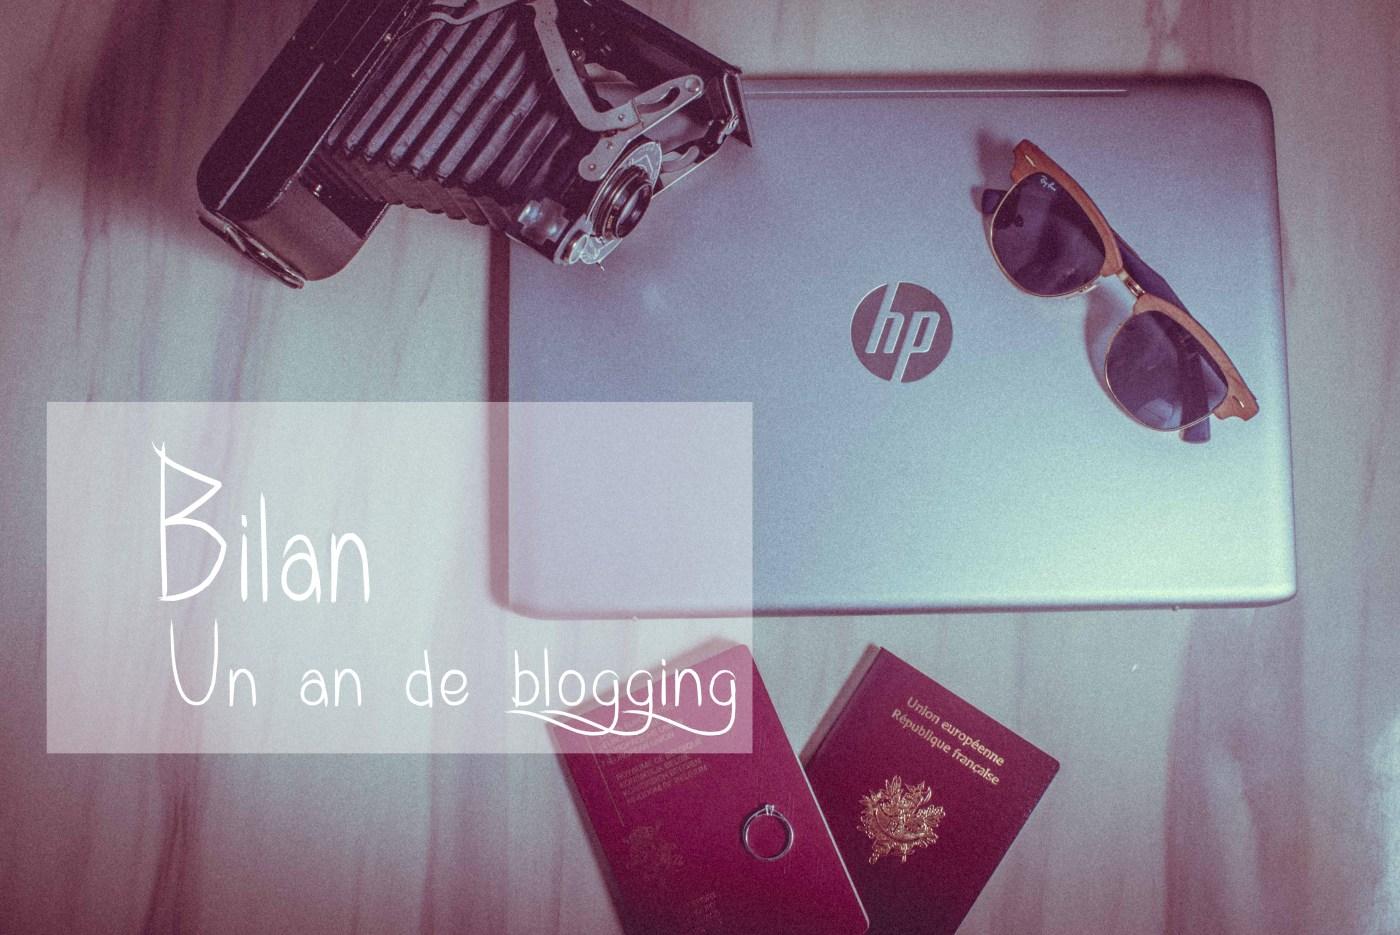 bilan un an de blogging blog voyage blogvoyage icietlabas